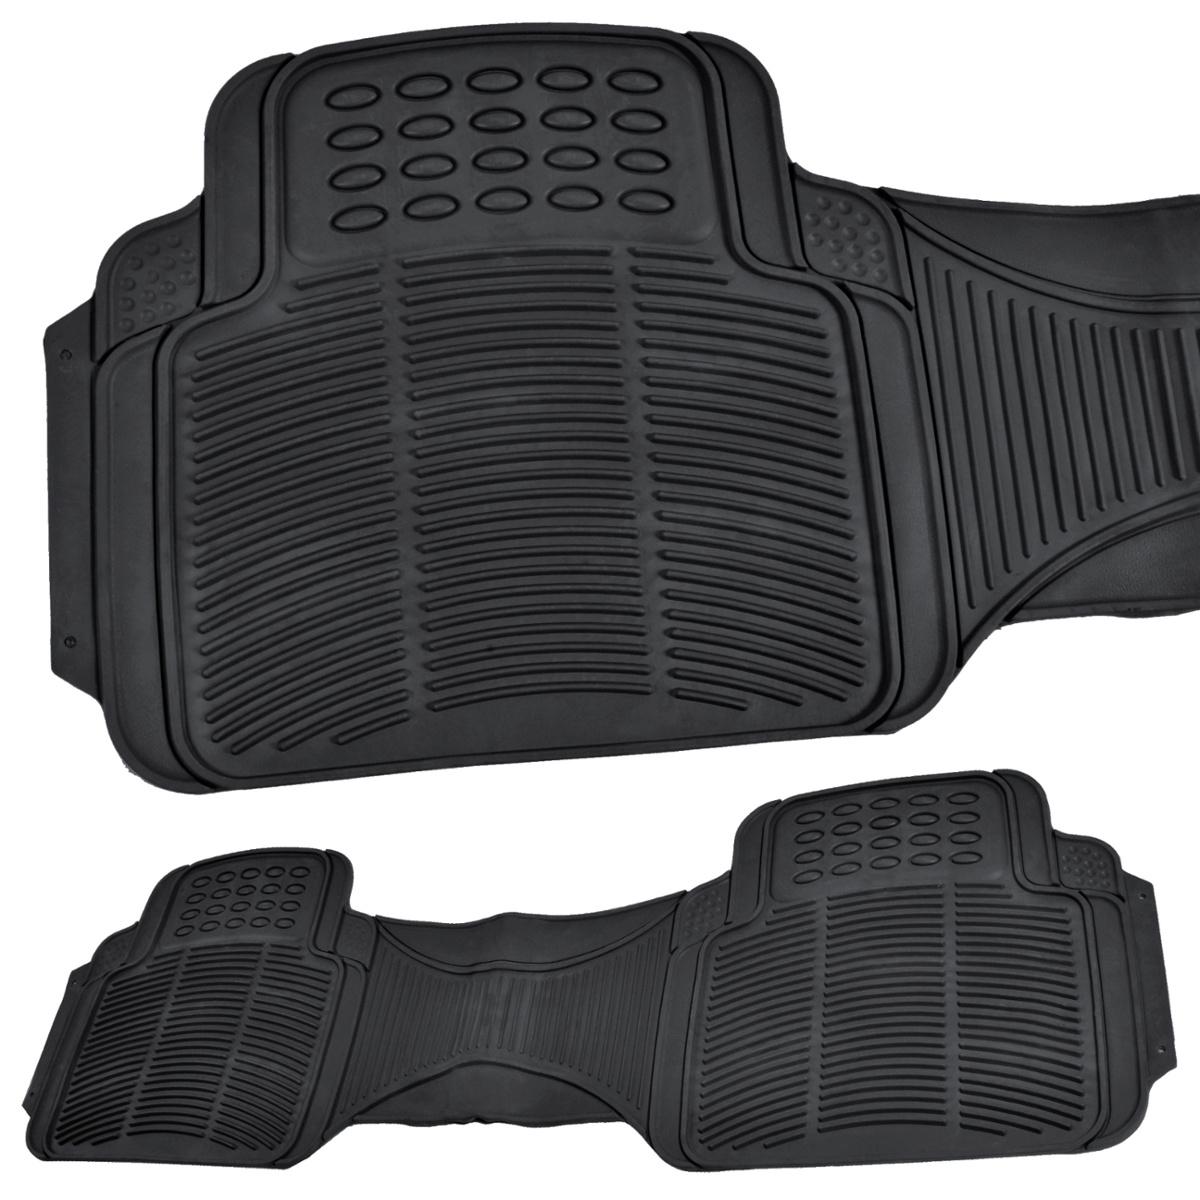 Rubber floor mats rav4 - Rubber Liner For Toyota Rav4 Floor Mats Black 3 Pc Semi Custom Fit All Weather